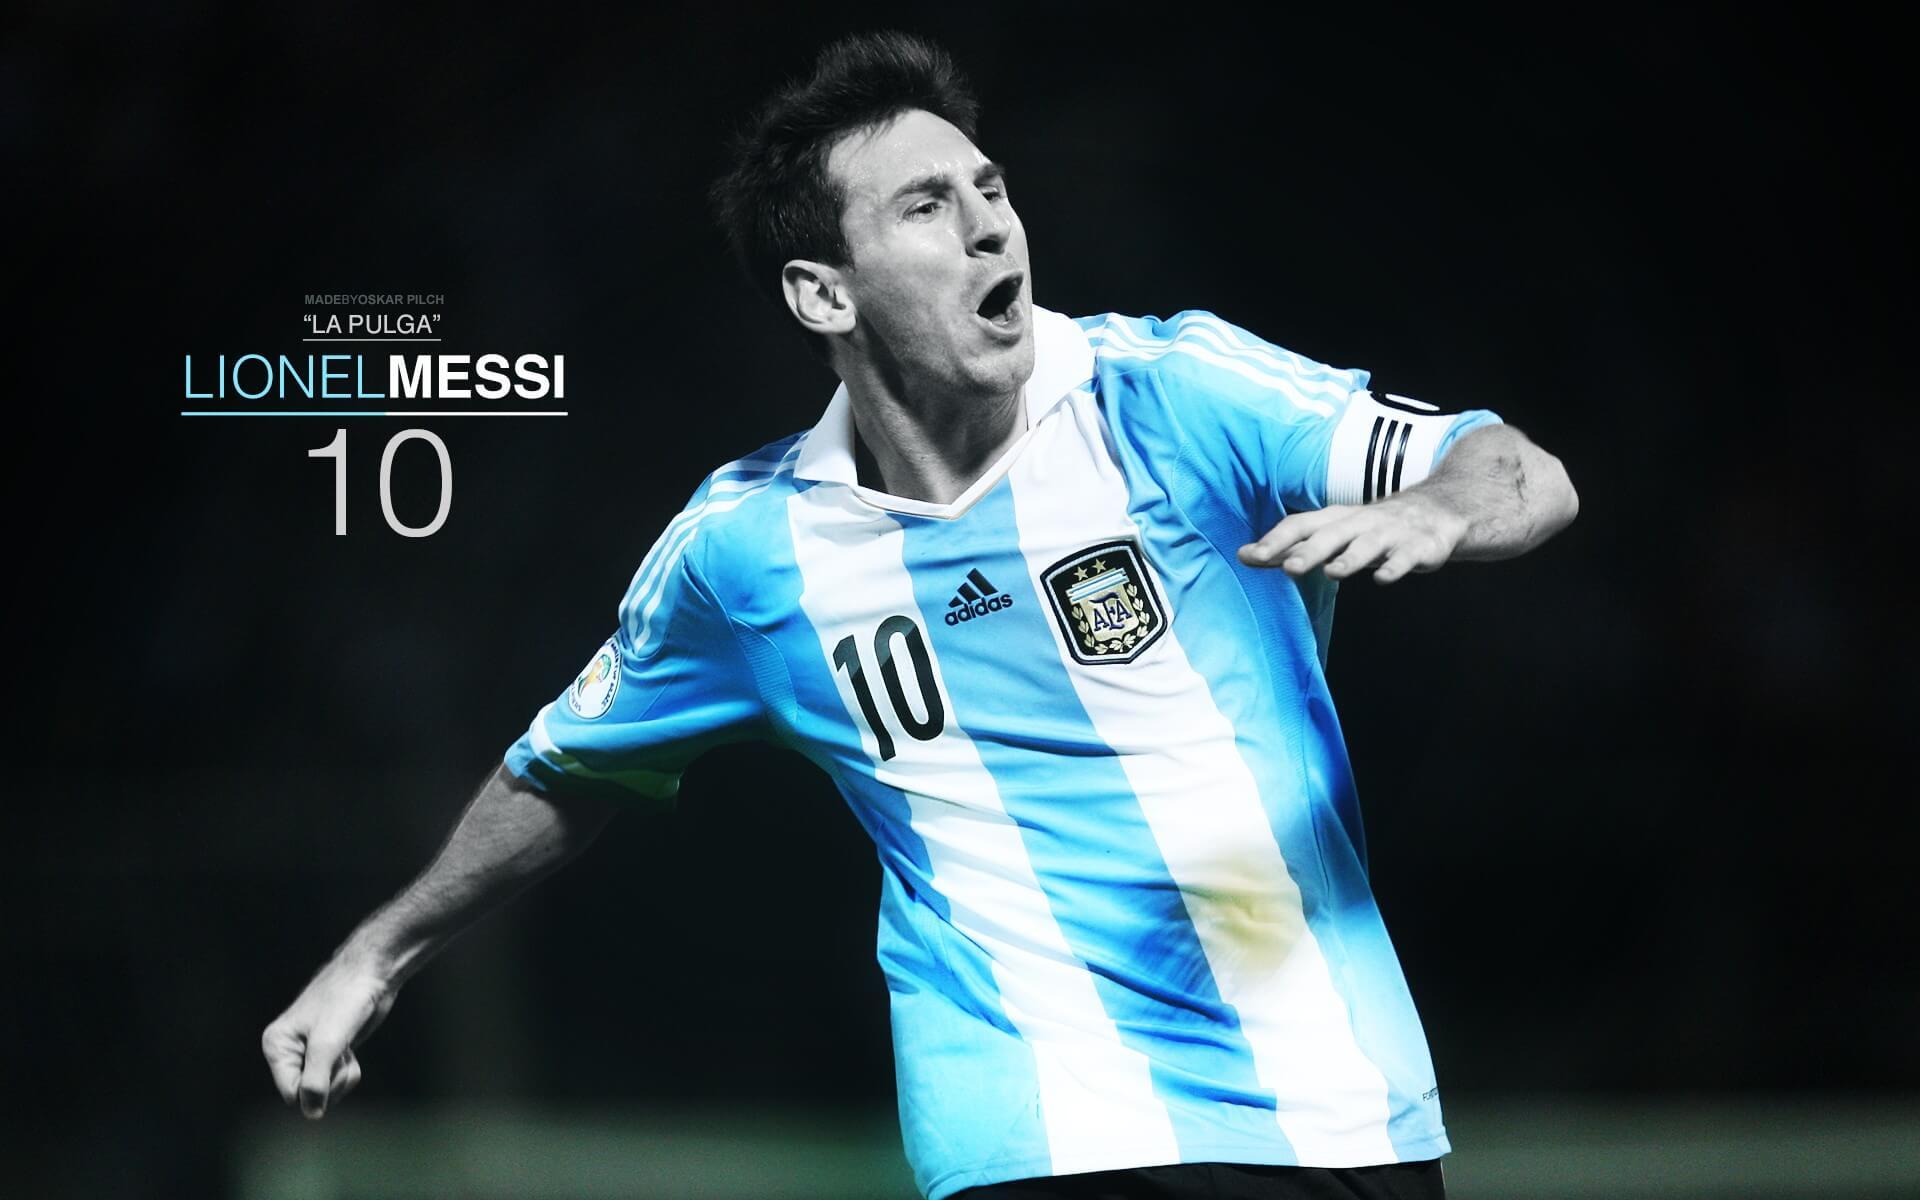 Argentina Copa America 2016 Lionel Messi Wallpaper